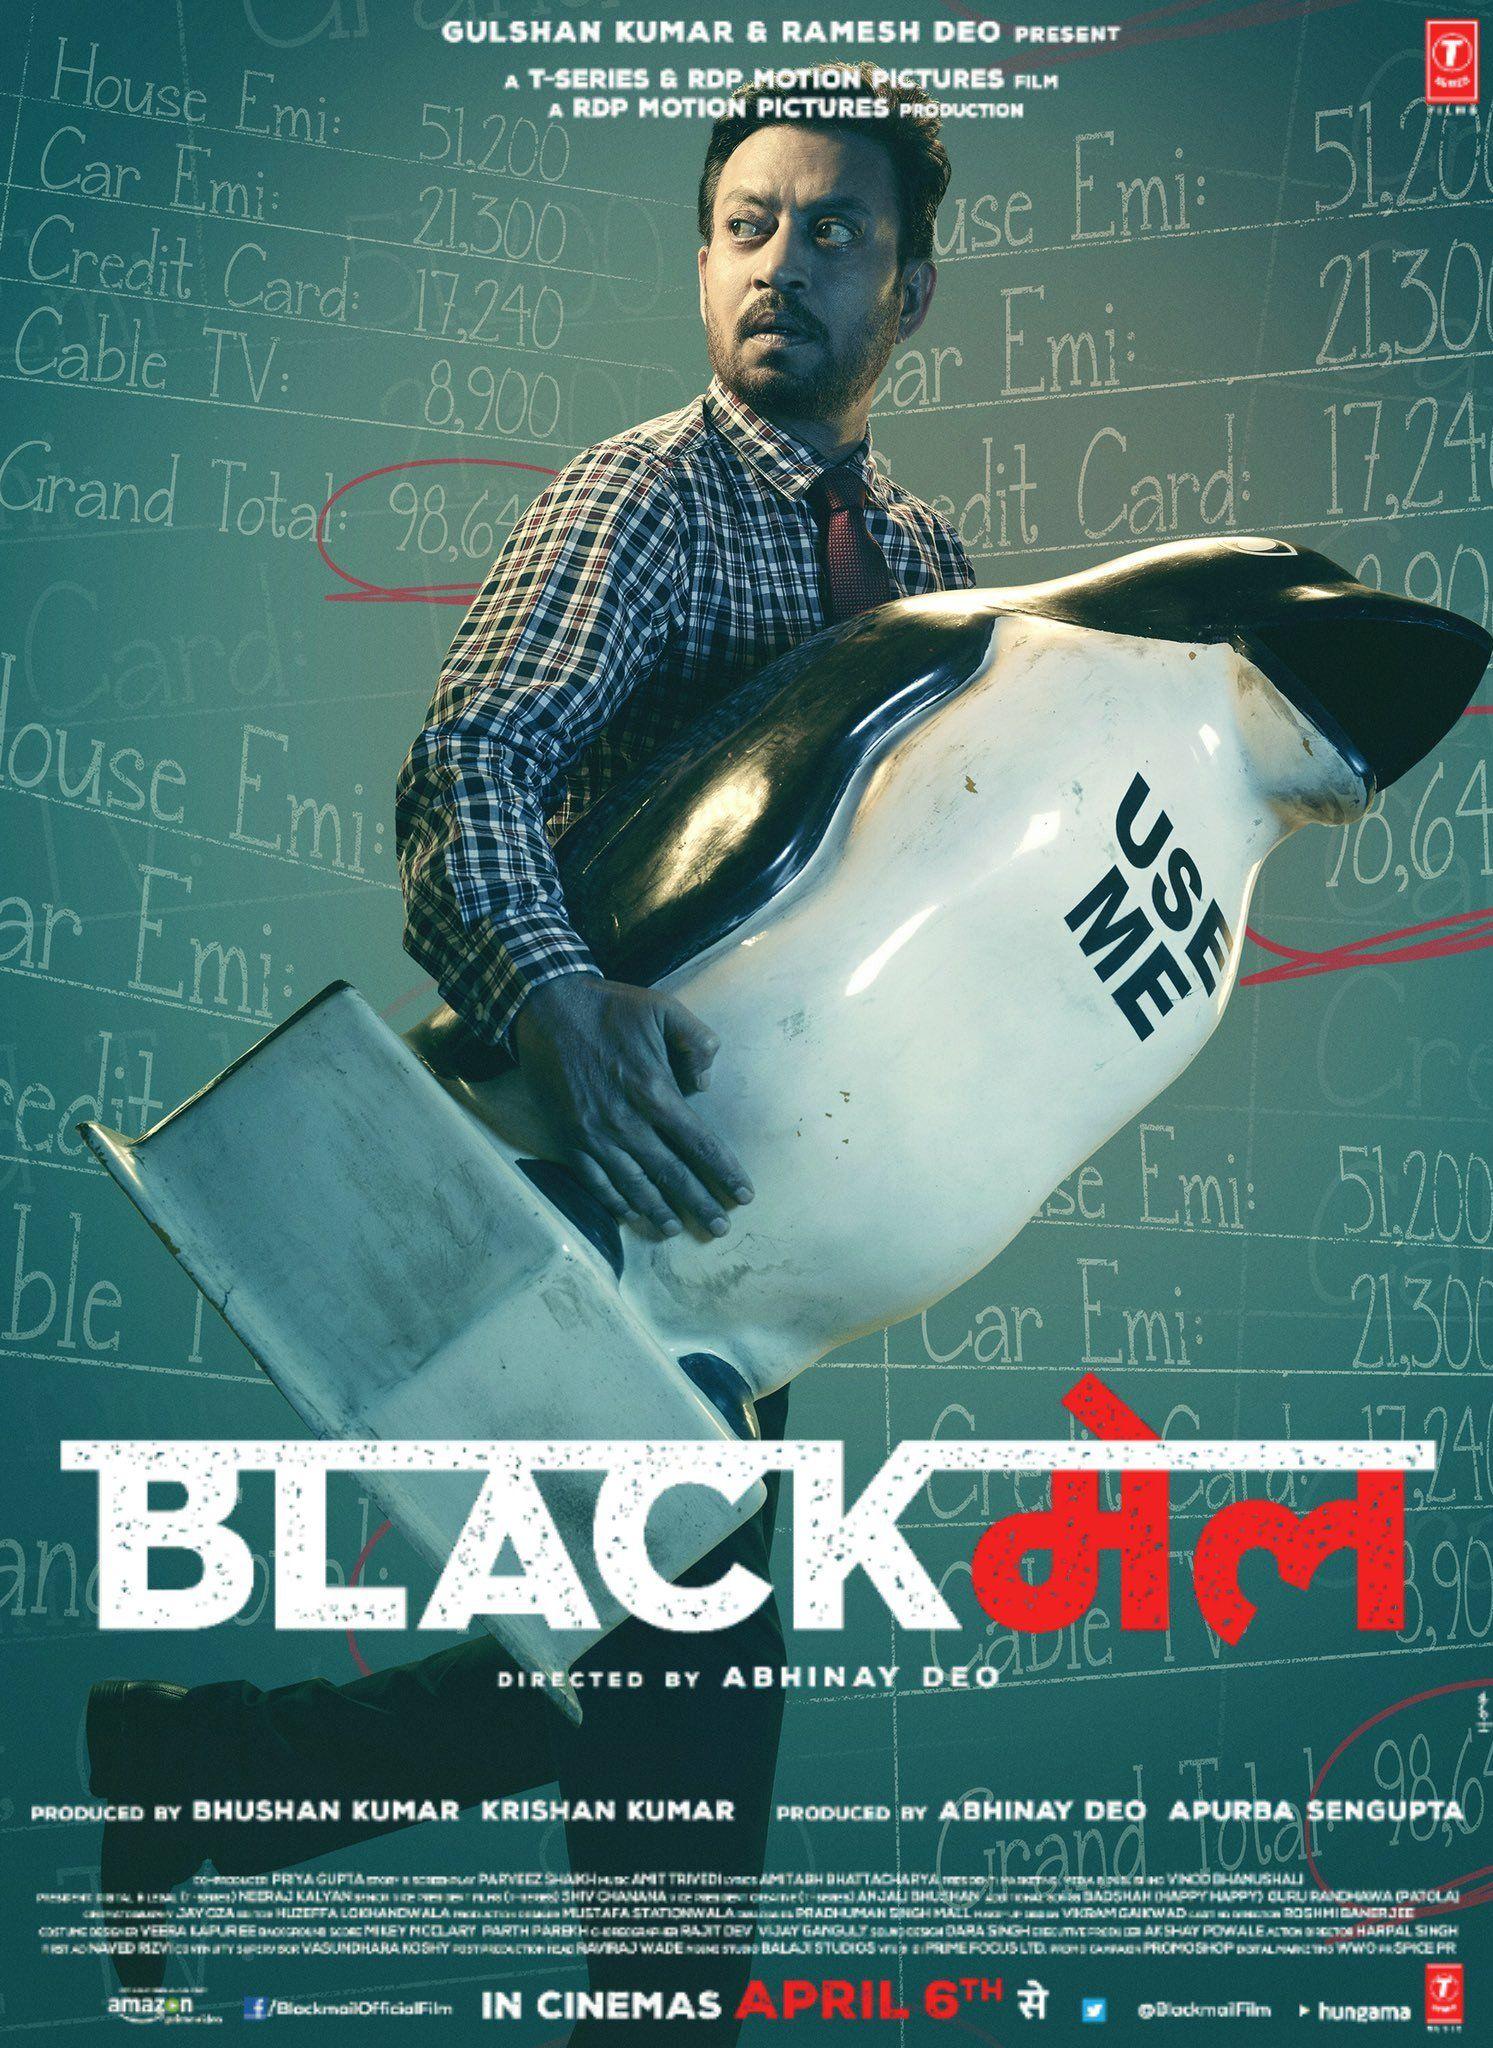 Irrfan Khan's Unpopular Film Blackmail